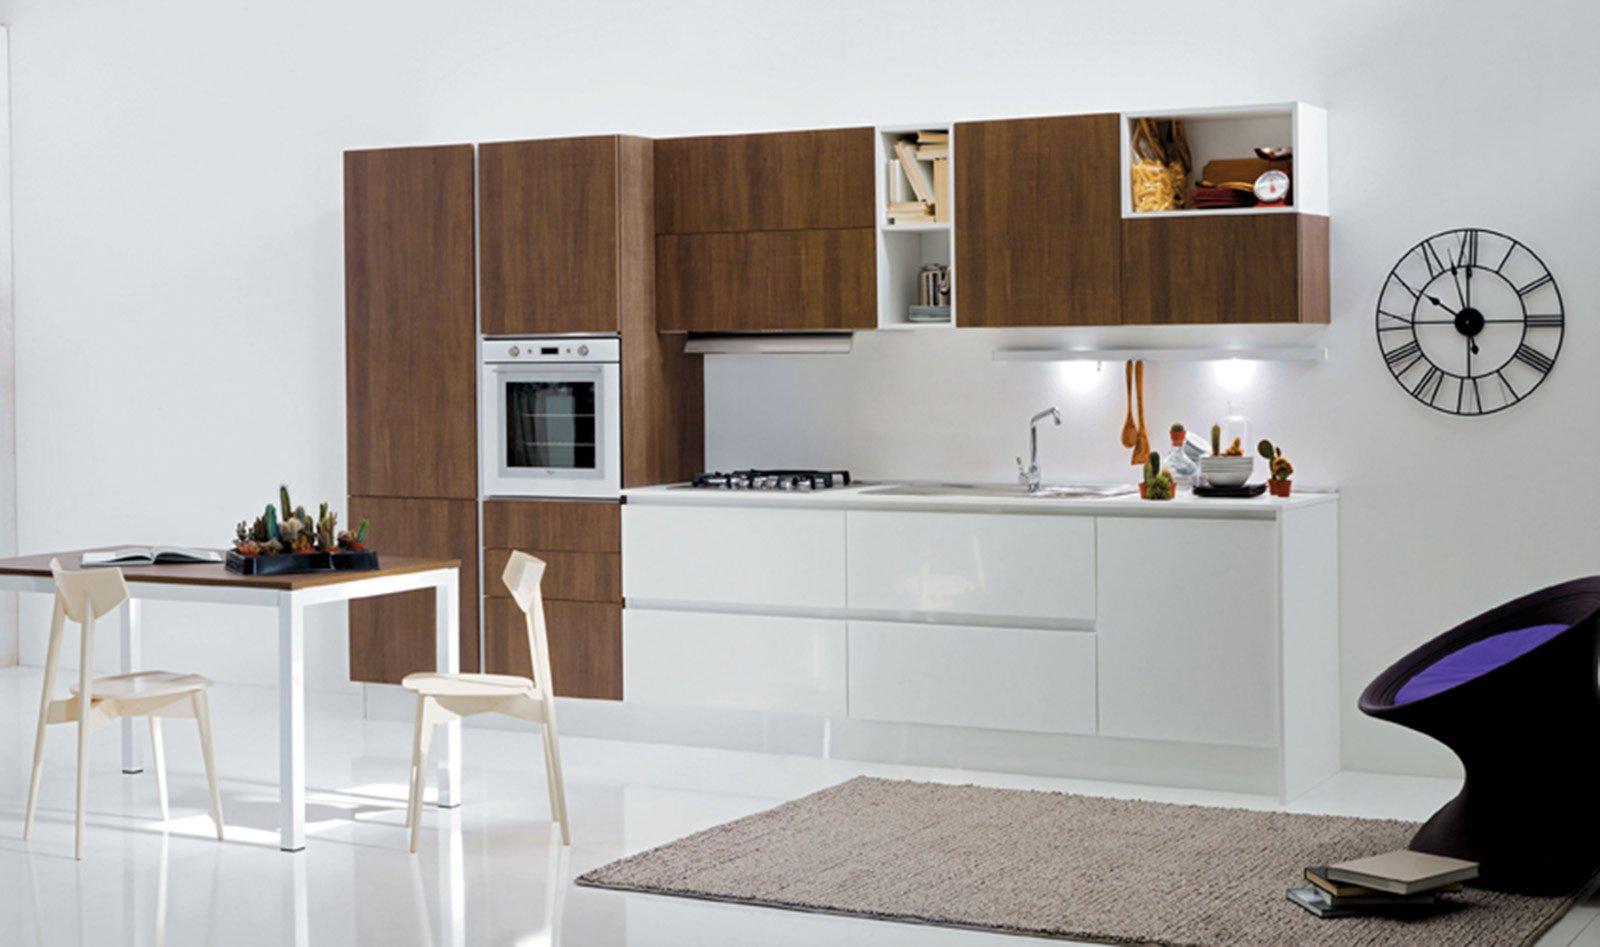 Cucine in laminato - Cose di Casa